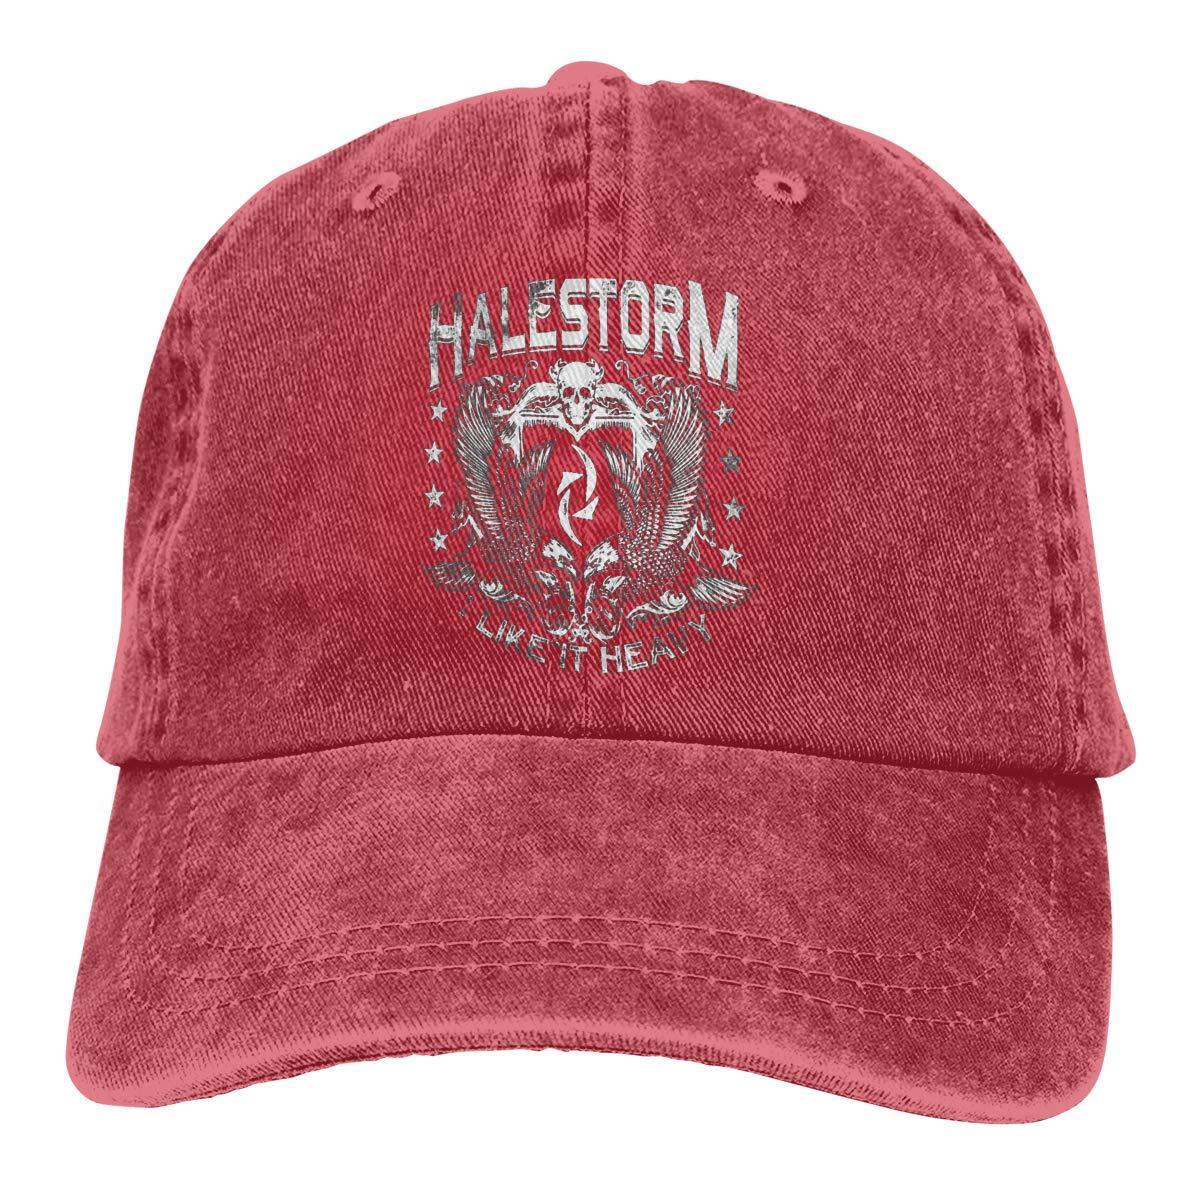 Feeling Unique Halestorm Vintage Jeans Baseball Cap Classic Cotton Dad Hat Adjustable Plain Cap Black